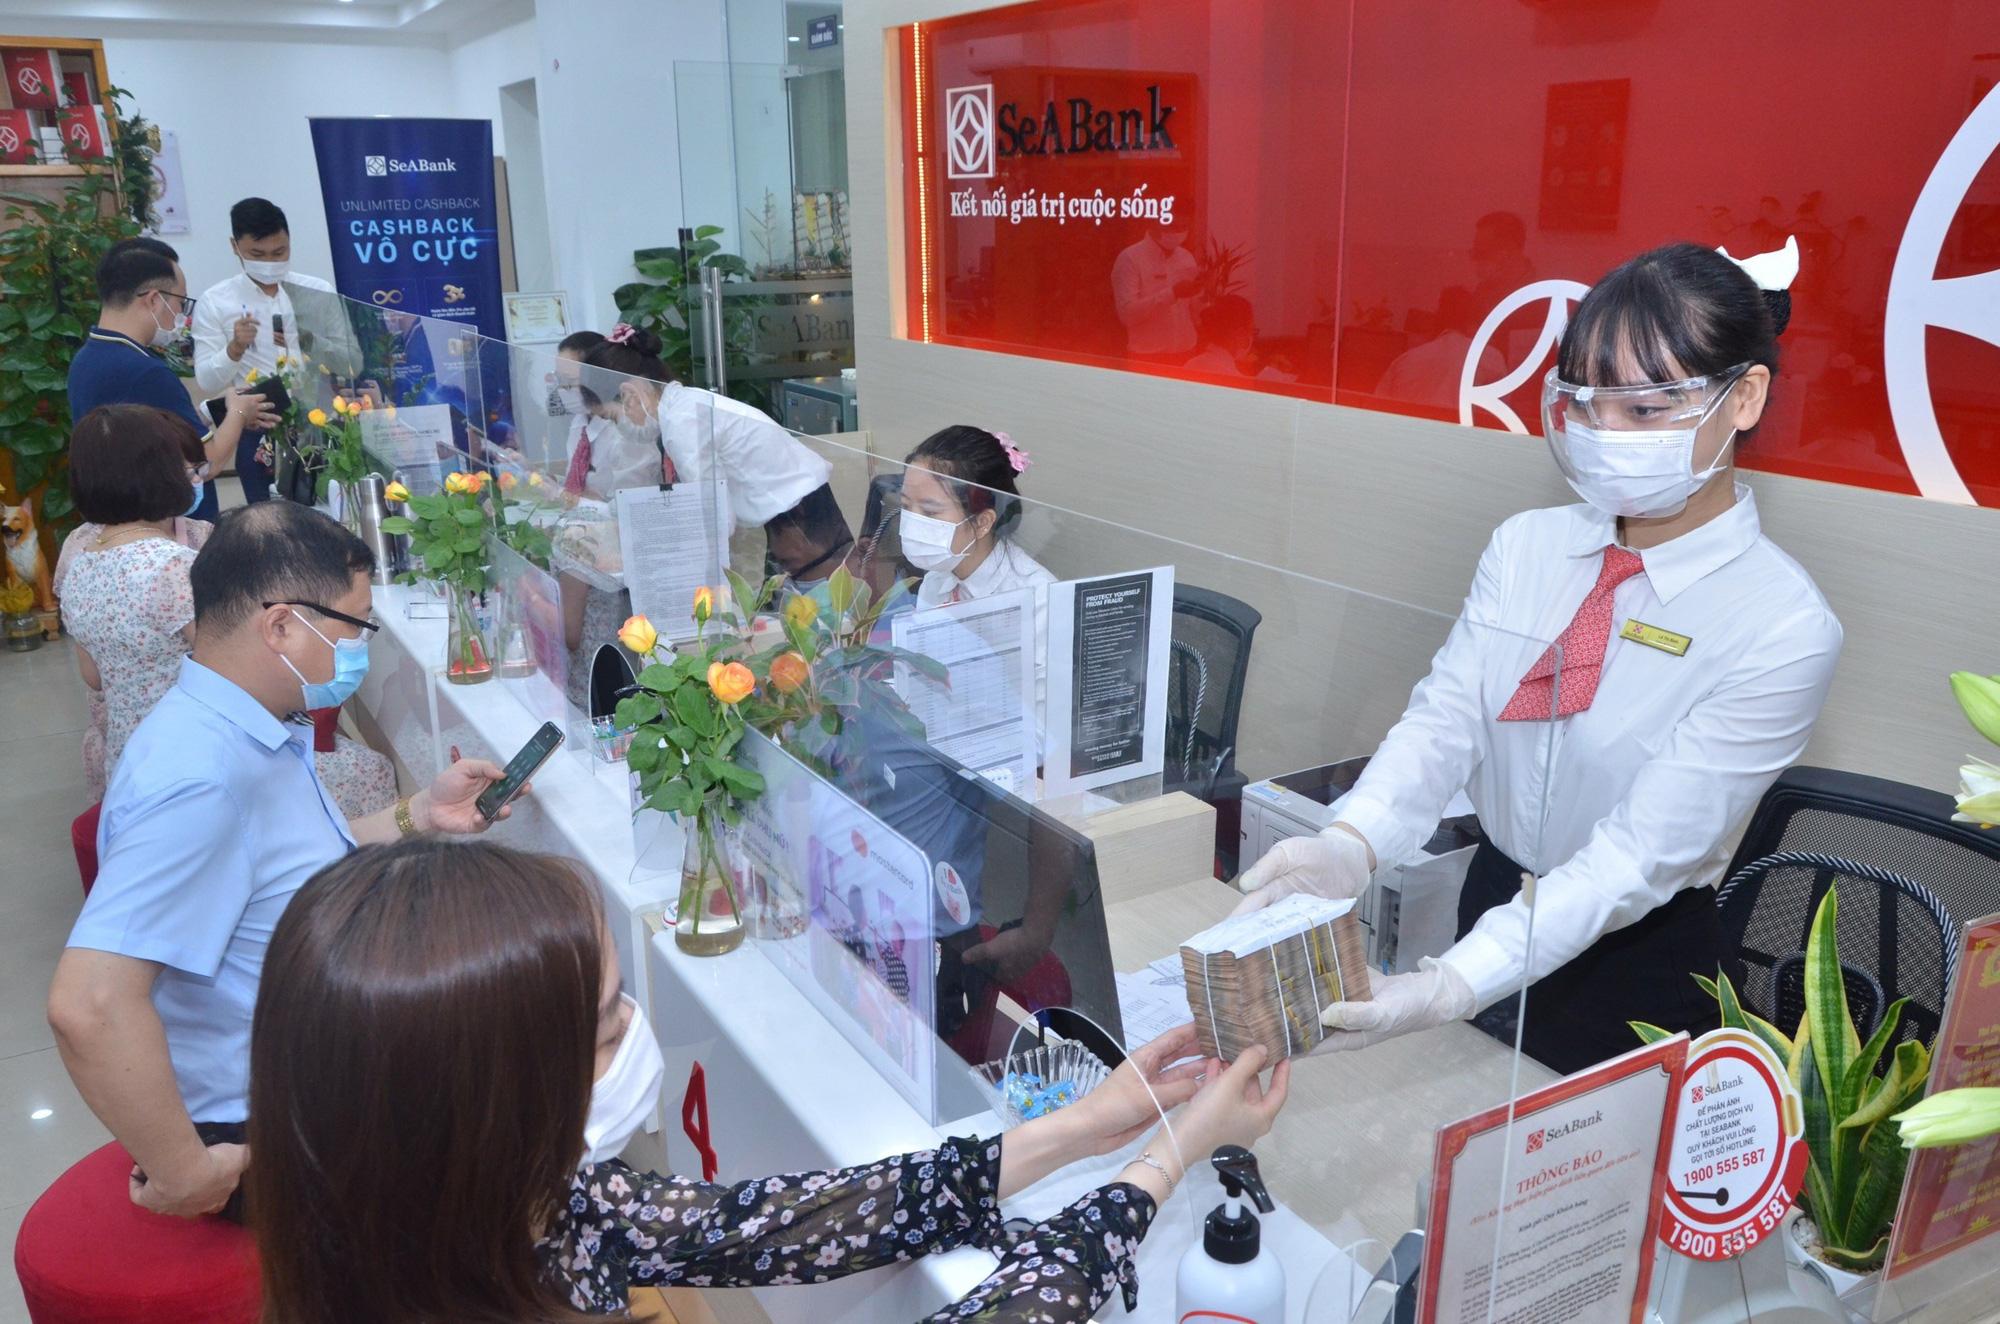 SeABank giảm lãi suất tối đa 1%/năm cho khách hàng ảnh hưởng bởi dịch Covid-19 - Ảnh 1.